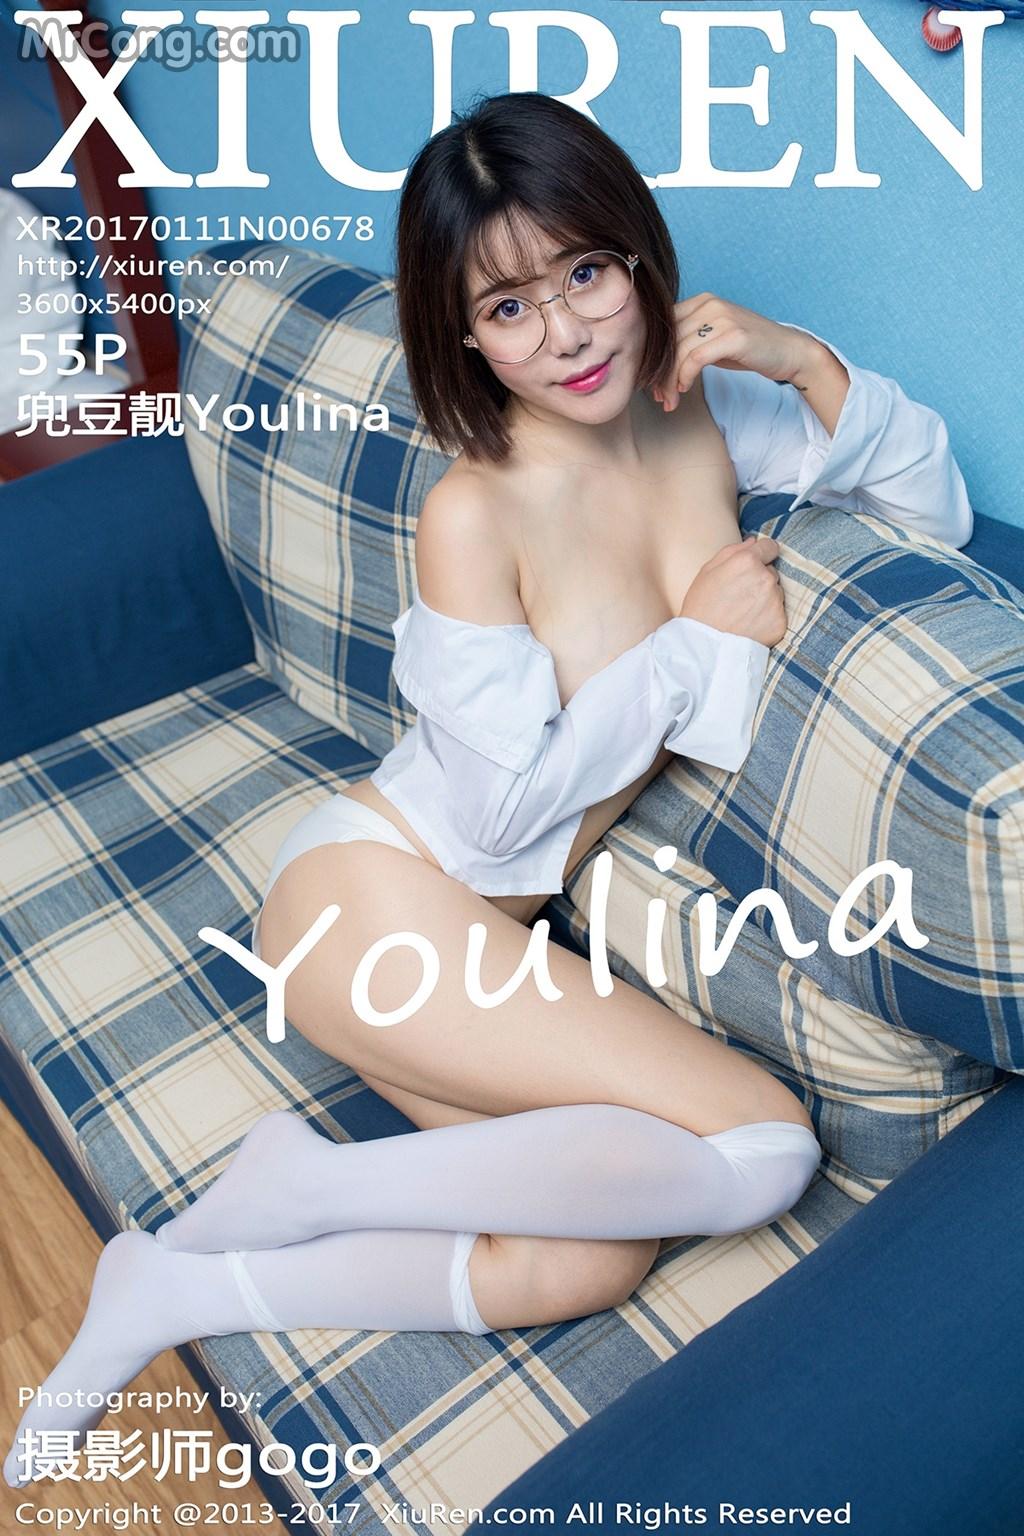 XIUREN No.678: Người mẫu Youlina (兜豆靓) (56 ảnh)